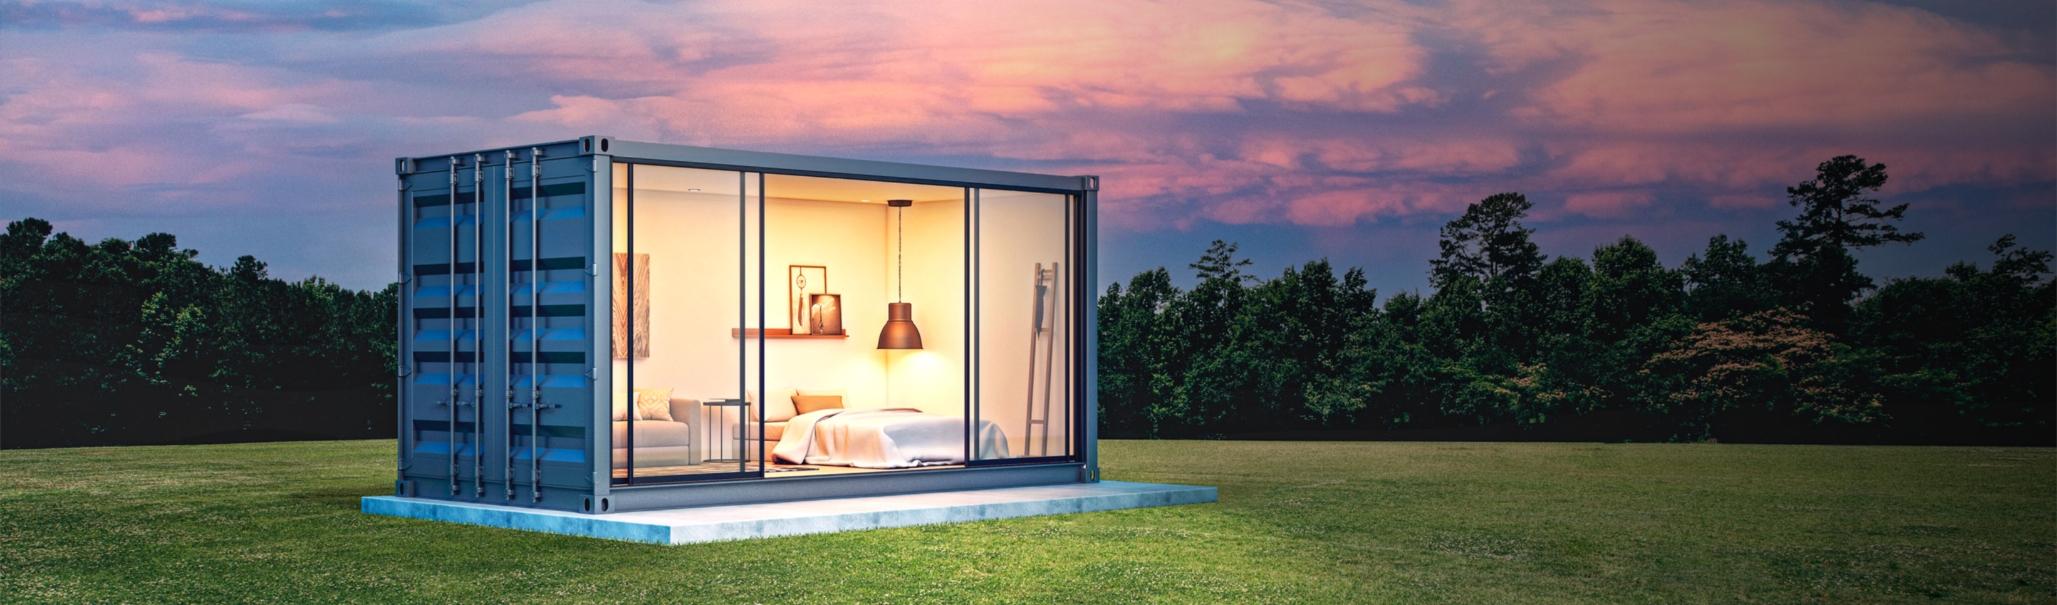 contenedor habitable en españa, tymsa casas hechas con contenedores maritimos